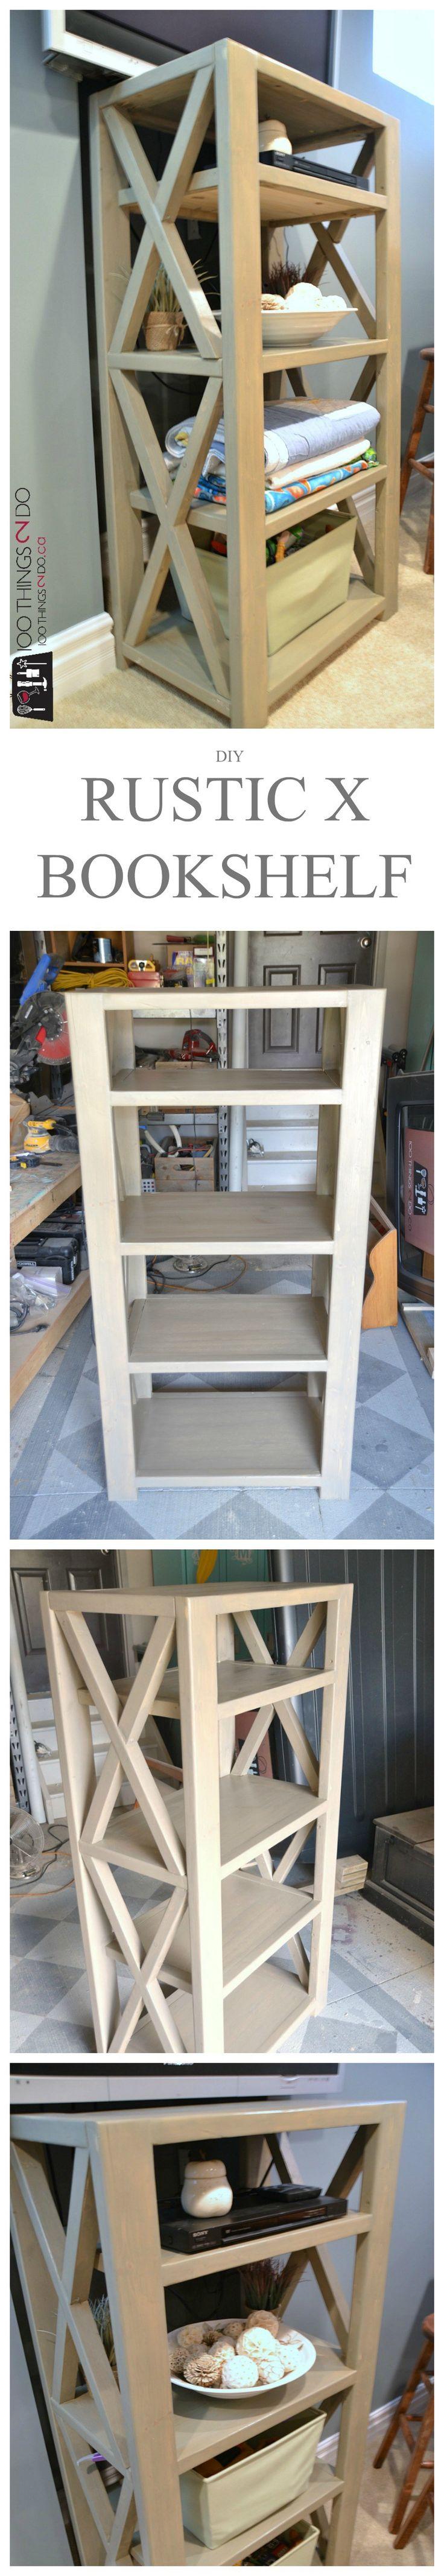 Best 25+ DIY bookshelf design ideas on Pinterest | Bookshelf diy ...